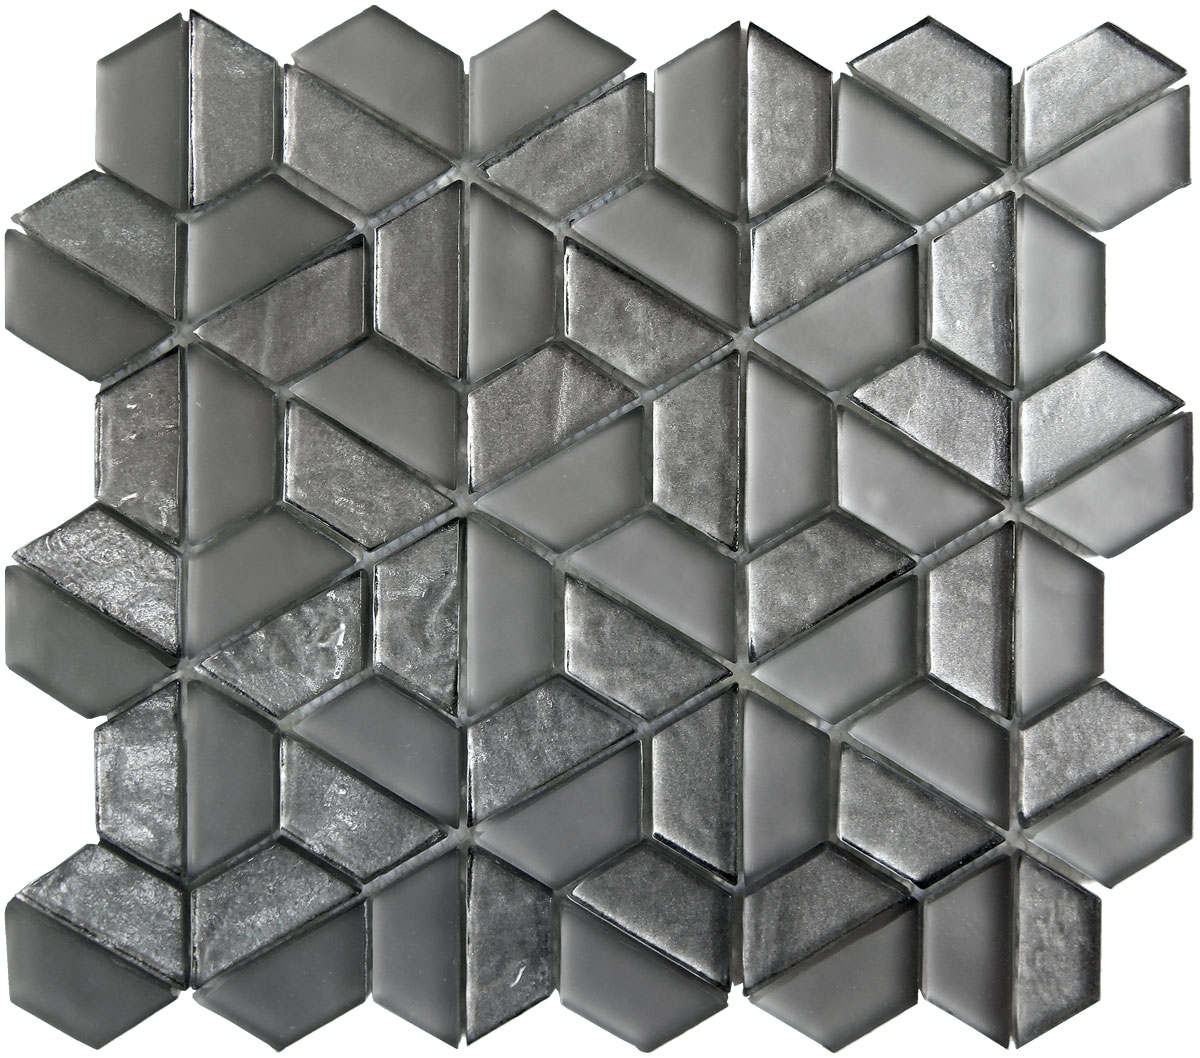 EARTH Hexagon Image